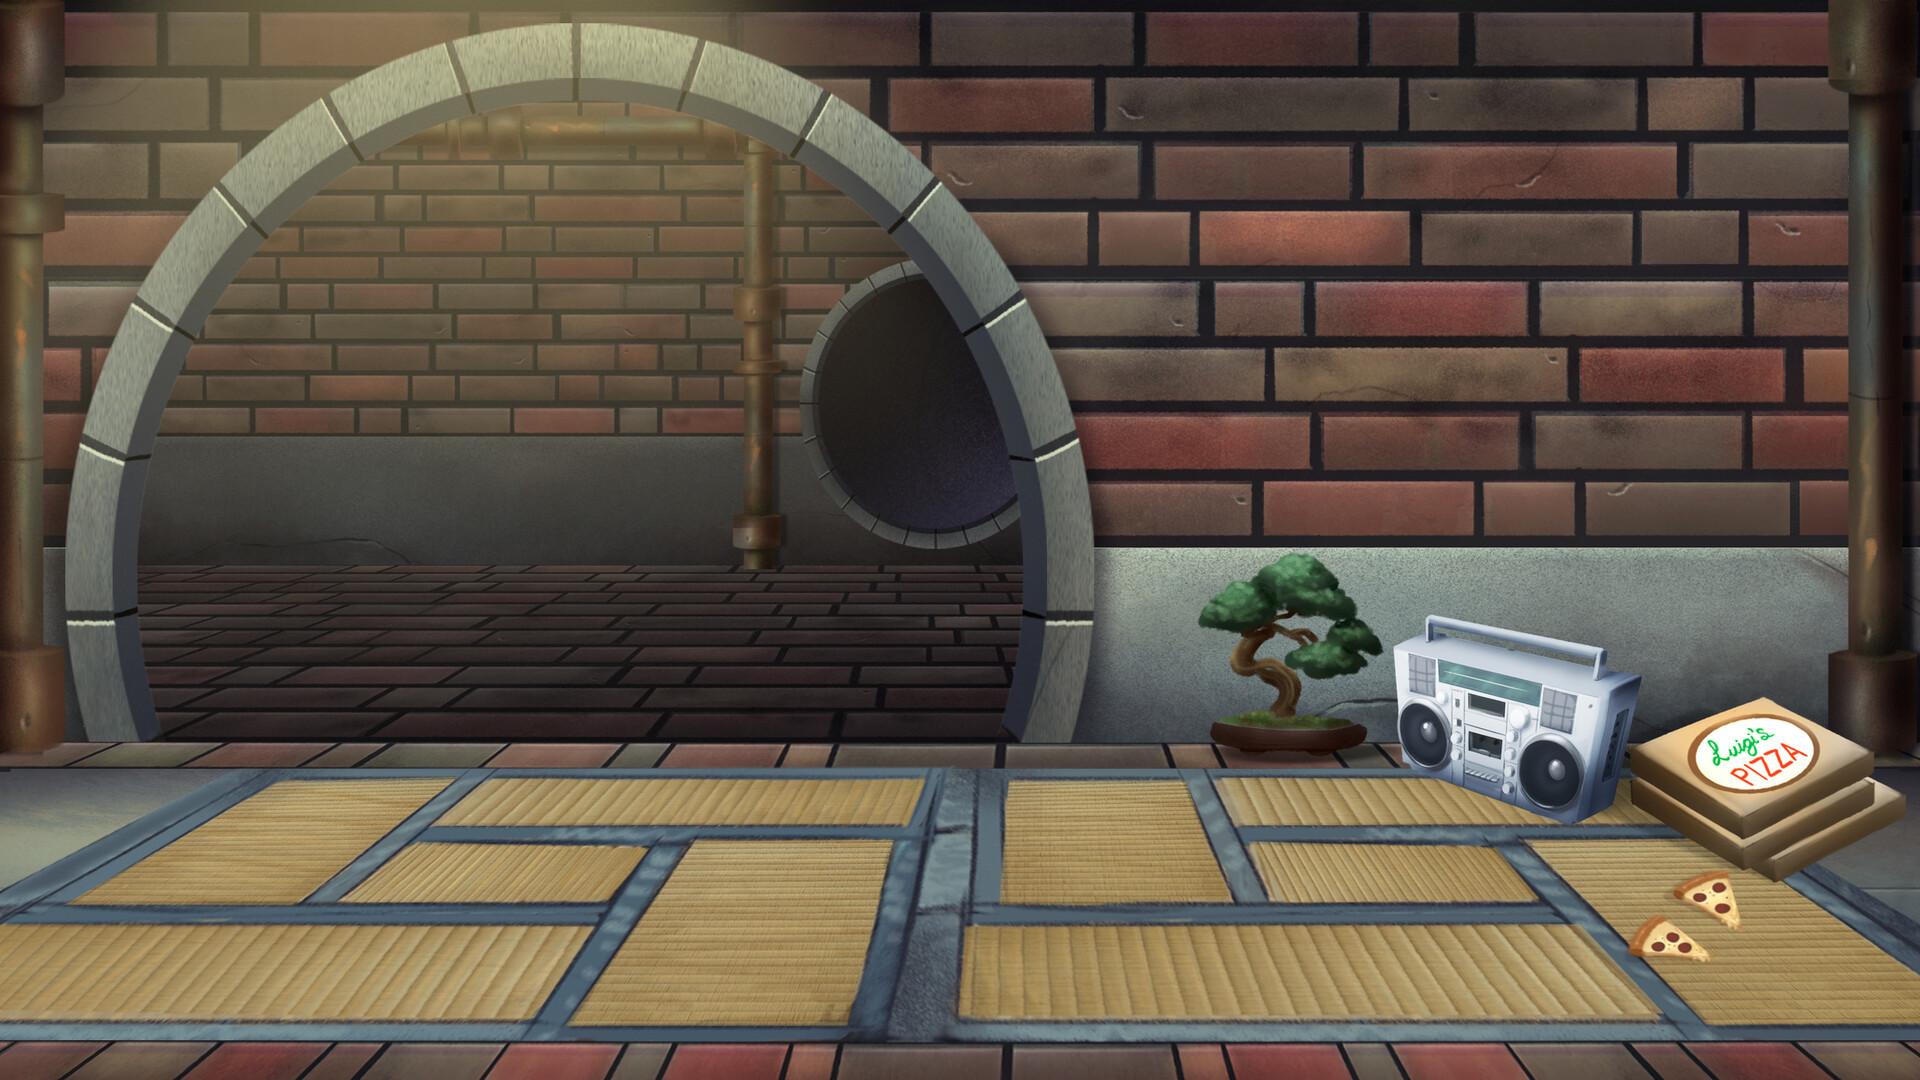 Luigi lucarelli 20